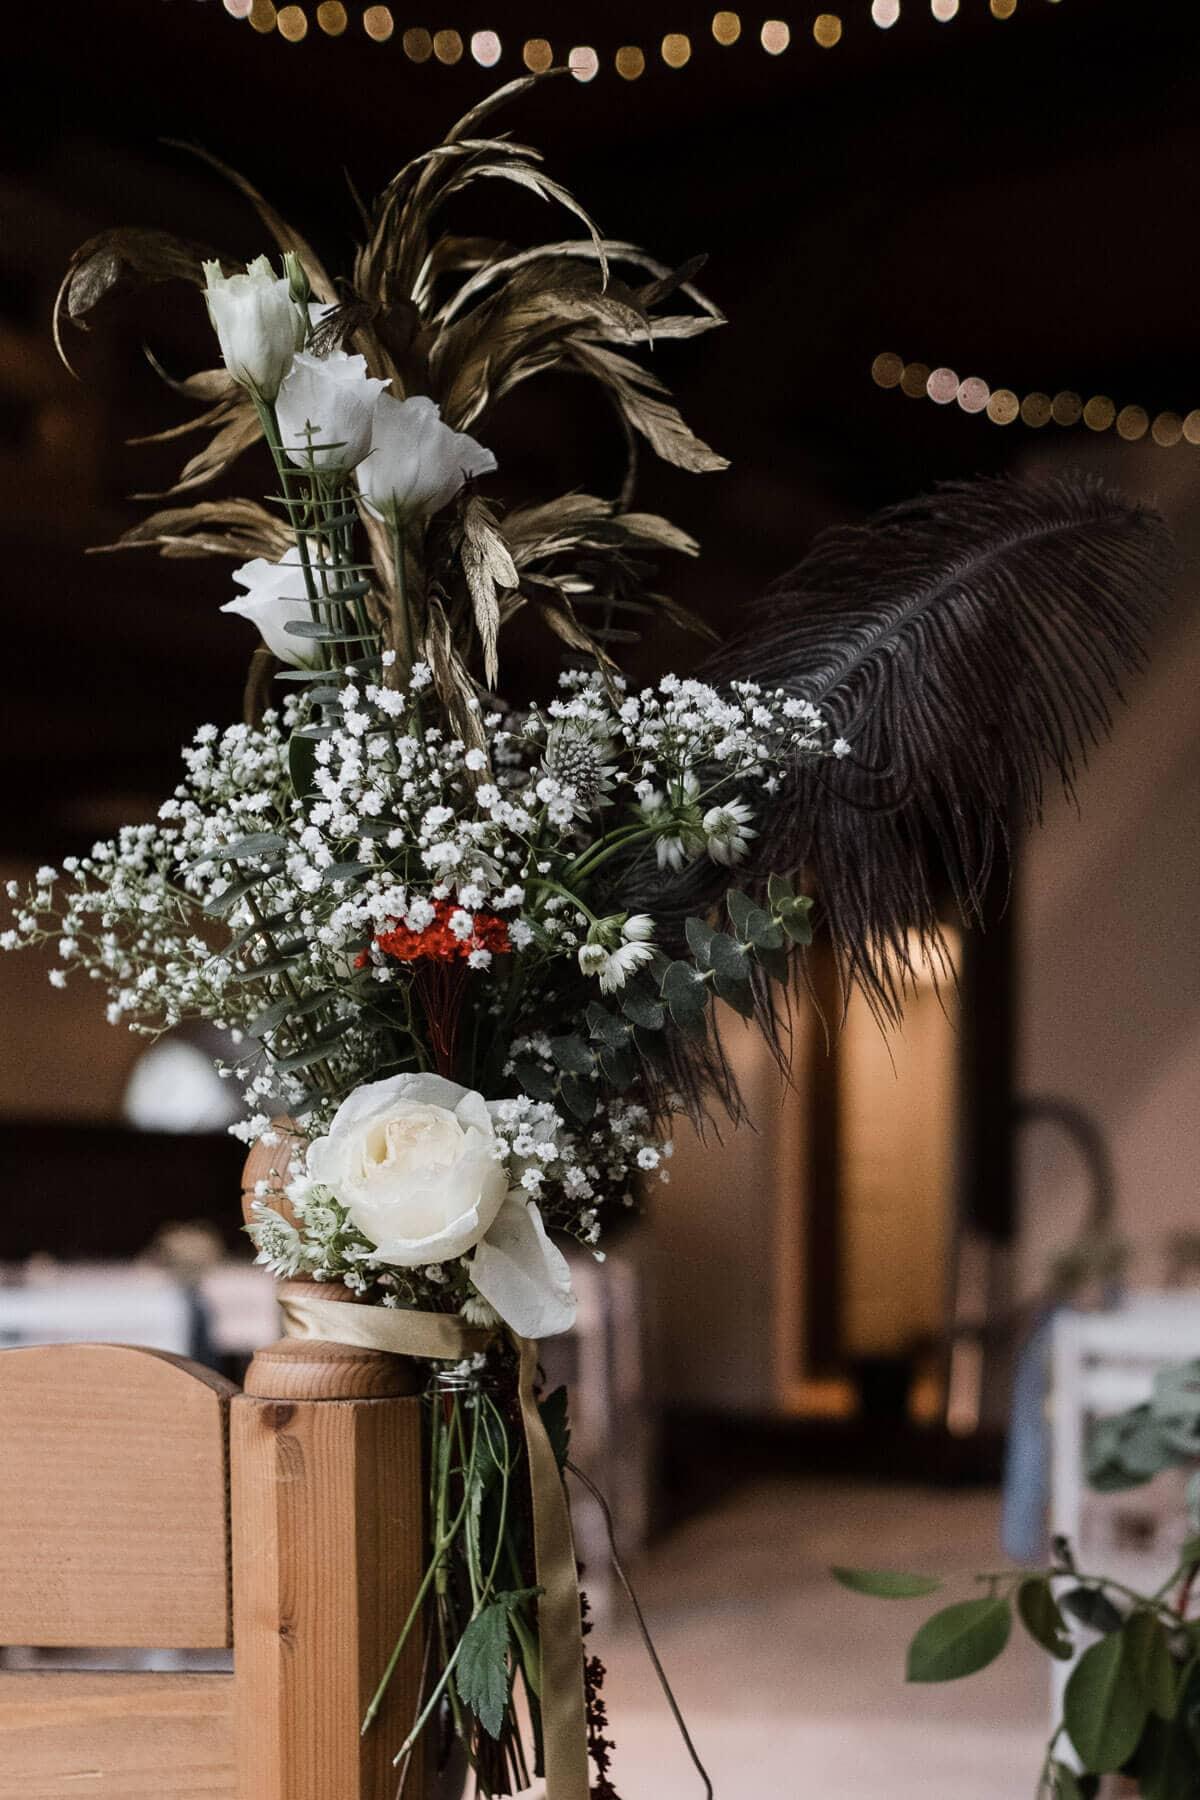 an einer Holzbank in einem Landhaus ist ein großer Blumenstrauß befestigt, in dem Blumenstrauß sind u.a. Blumen, Schleierkraut und eine große Feder